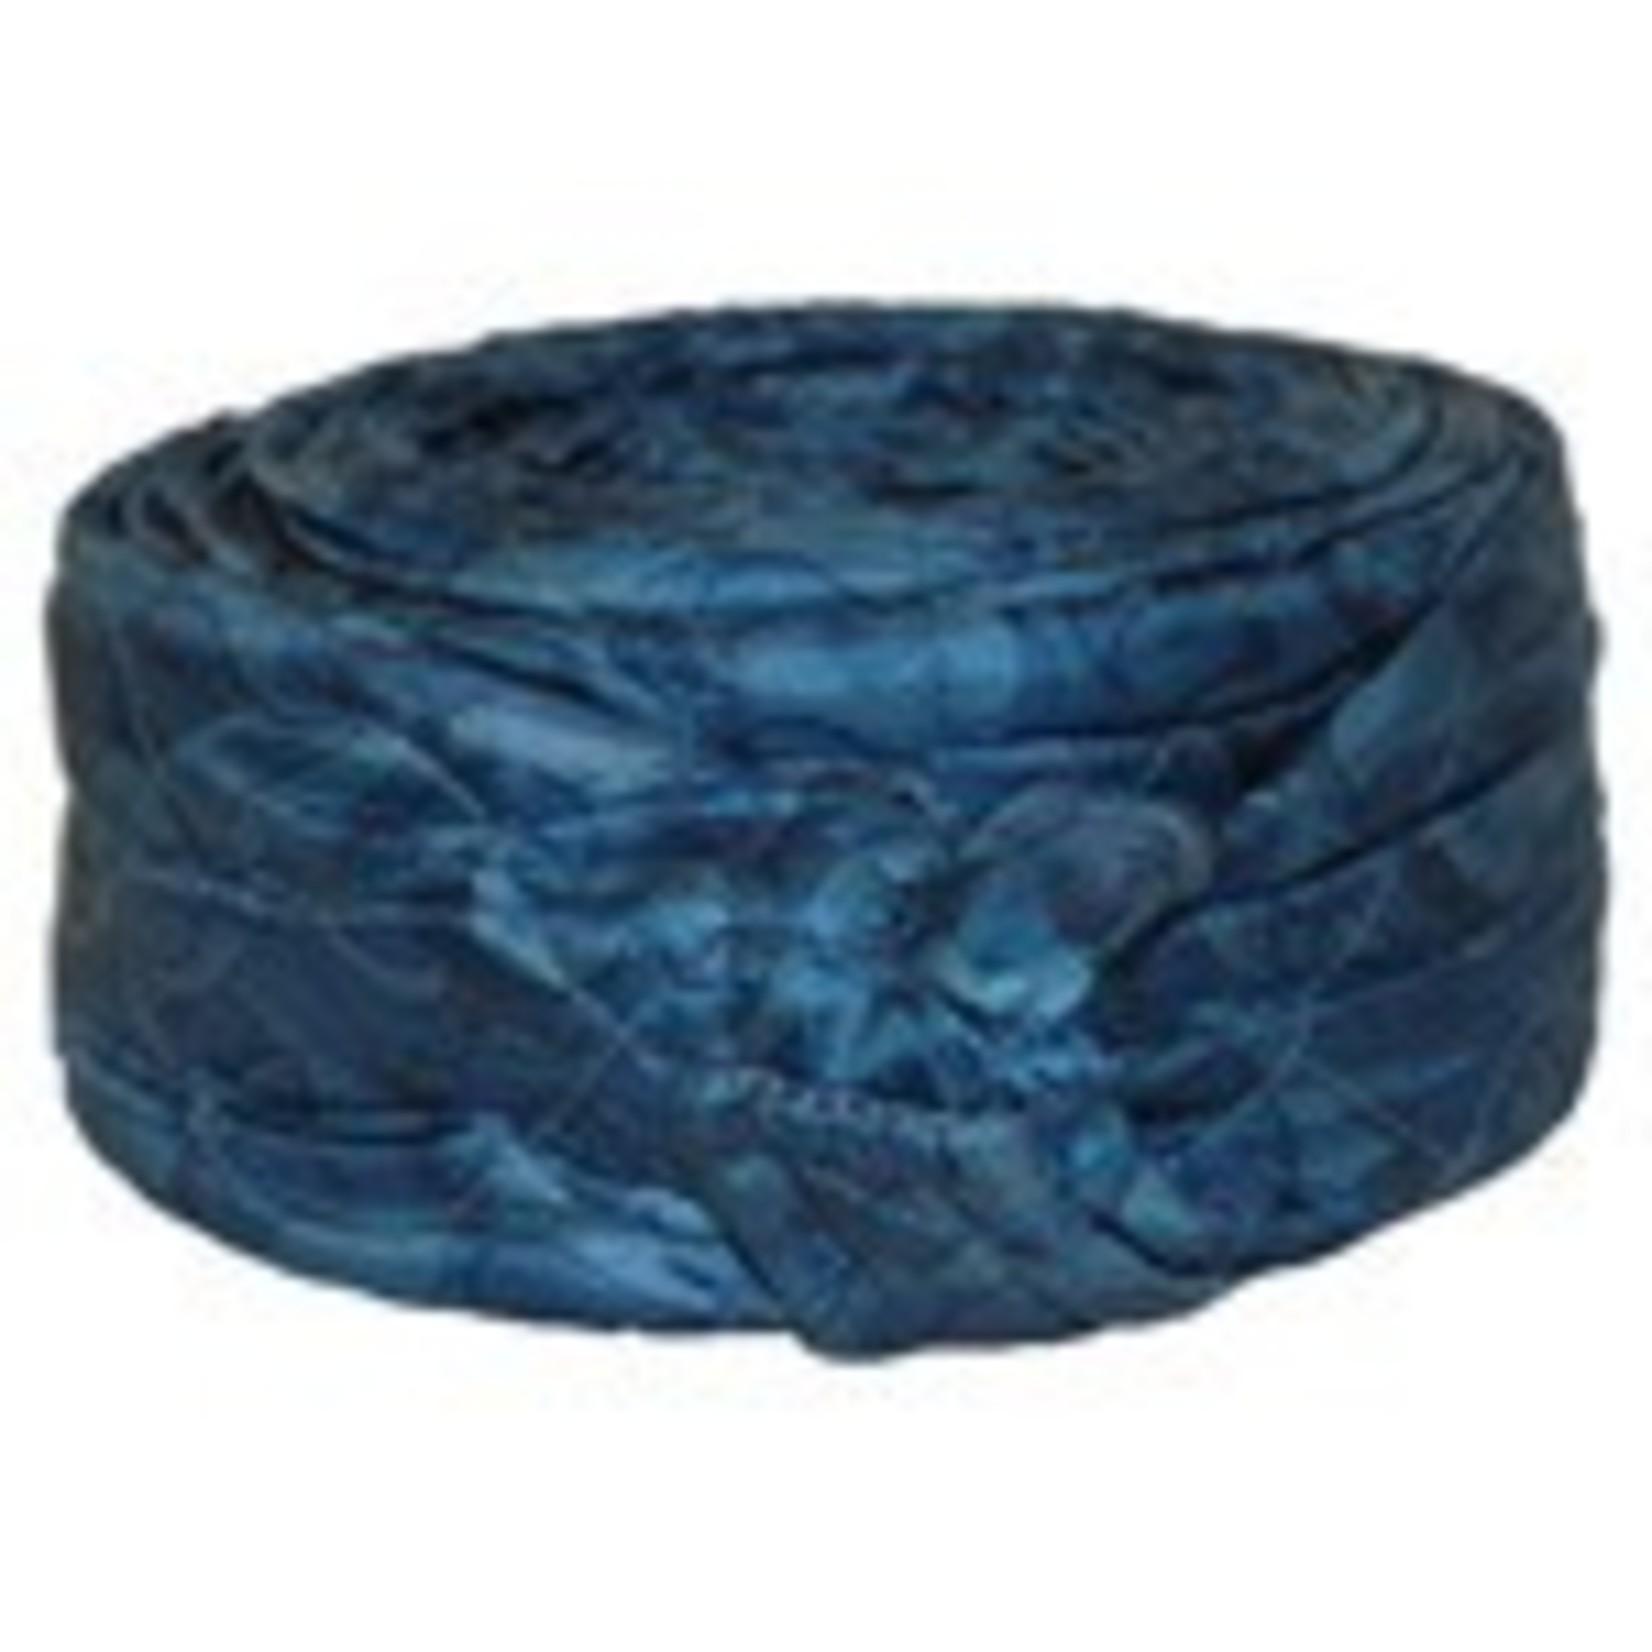 Plastiflex CVS 35' Quilted Zipper Hose Sock - Blue